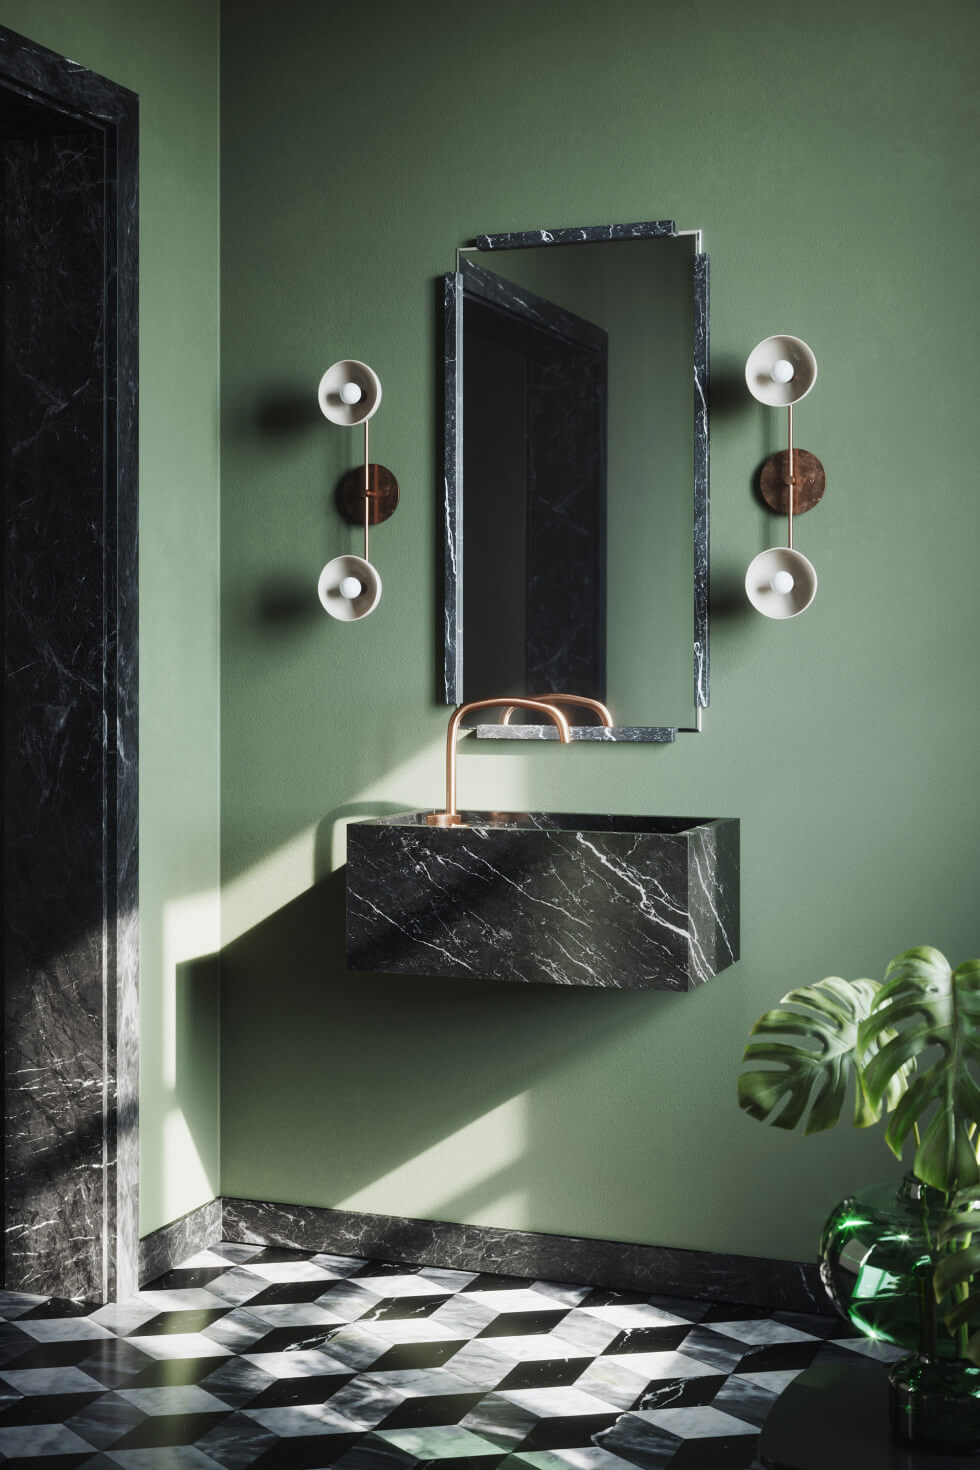 Grönmålat badrum